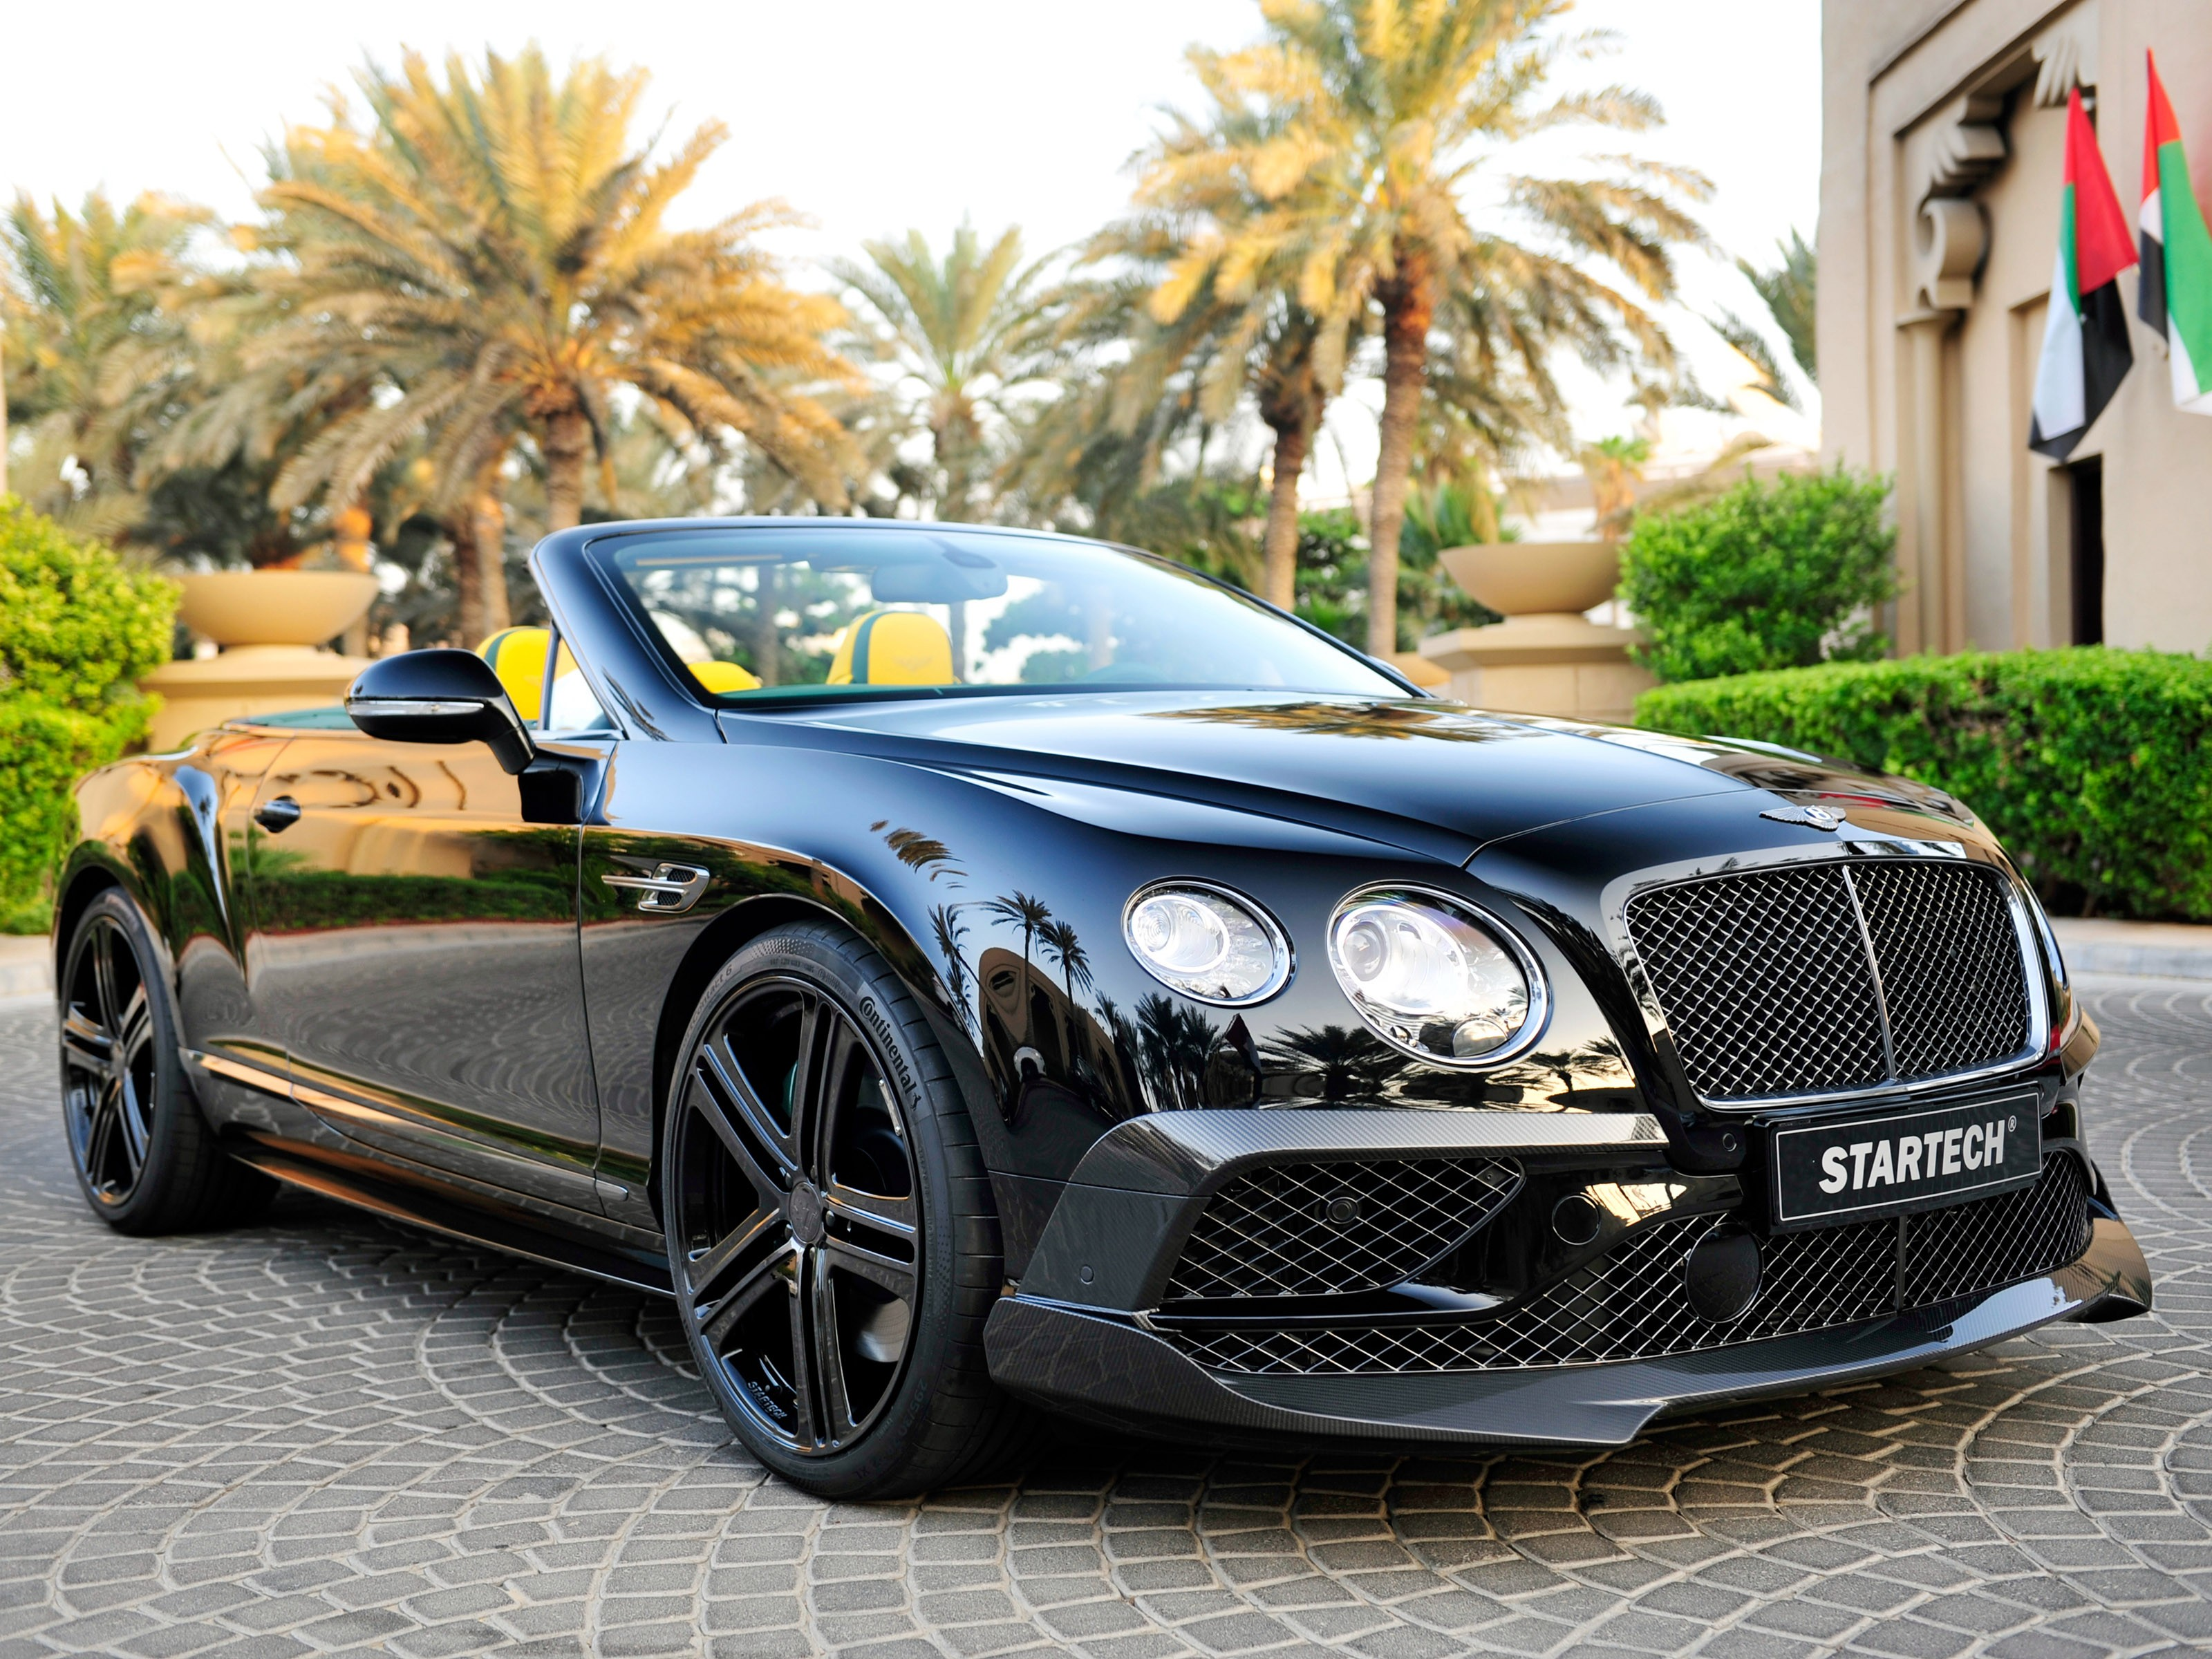 2015 Startech Bentley Continental GT Convertible